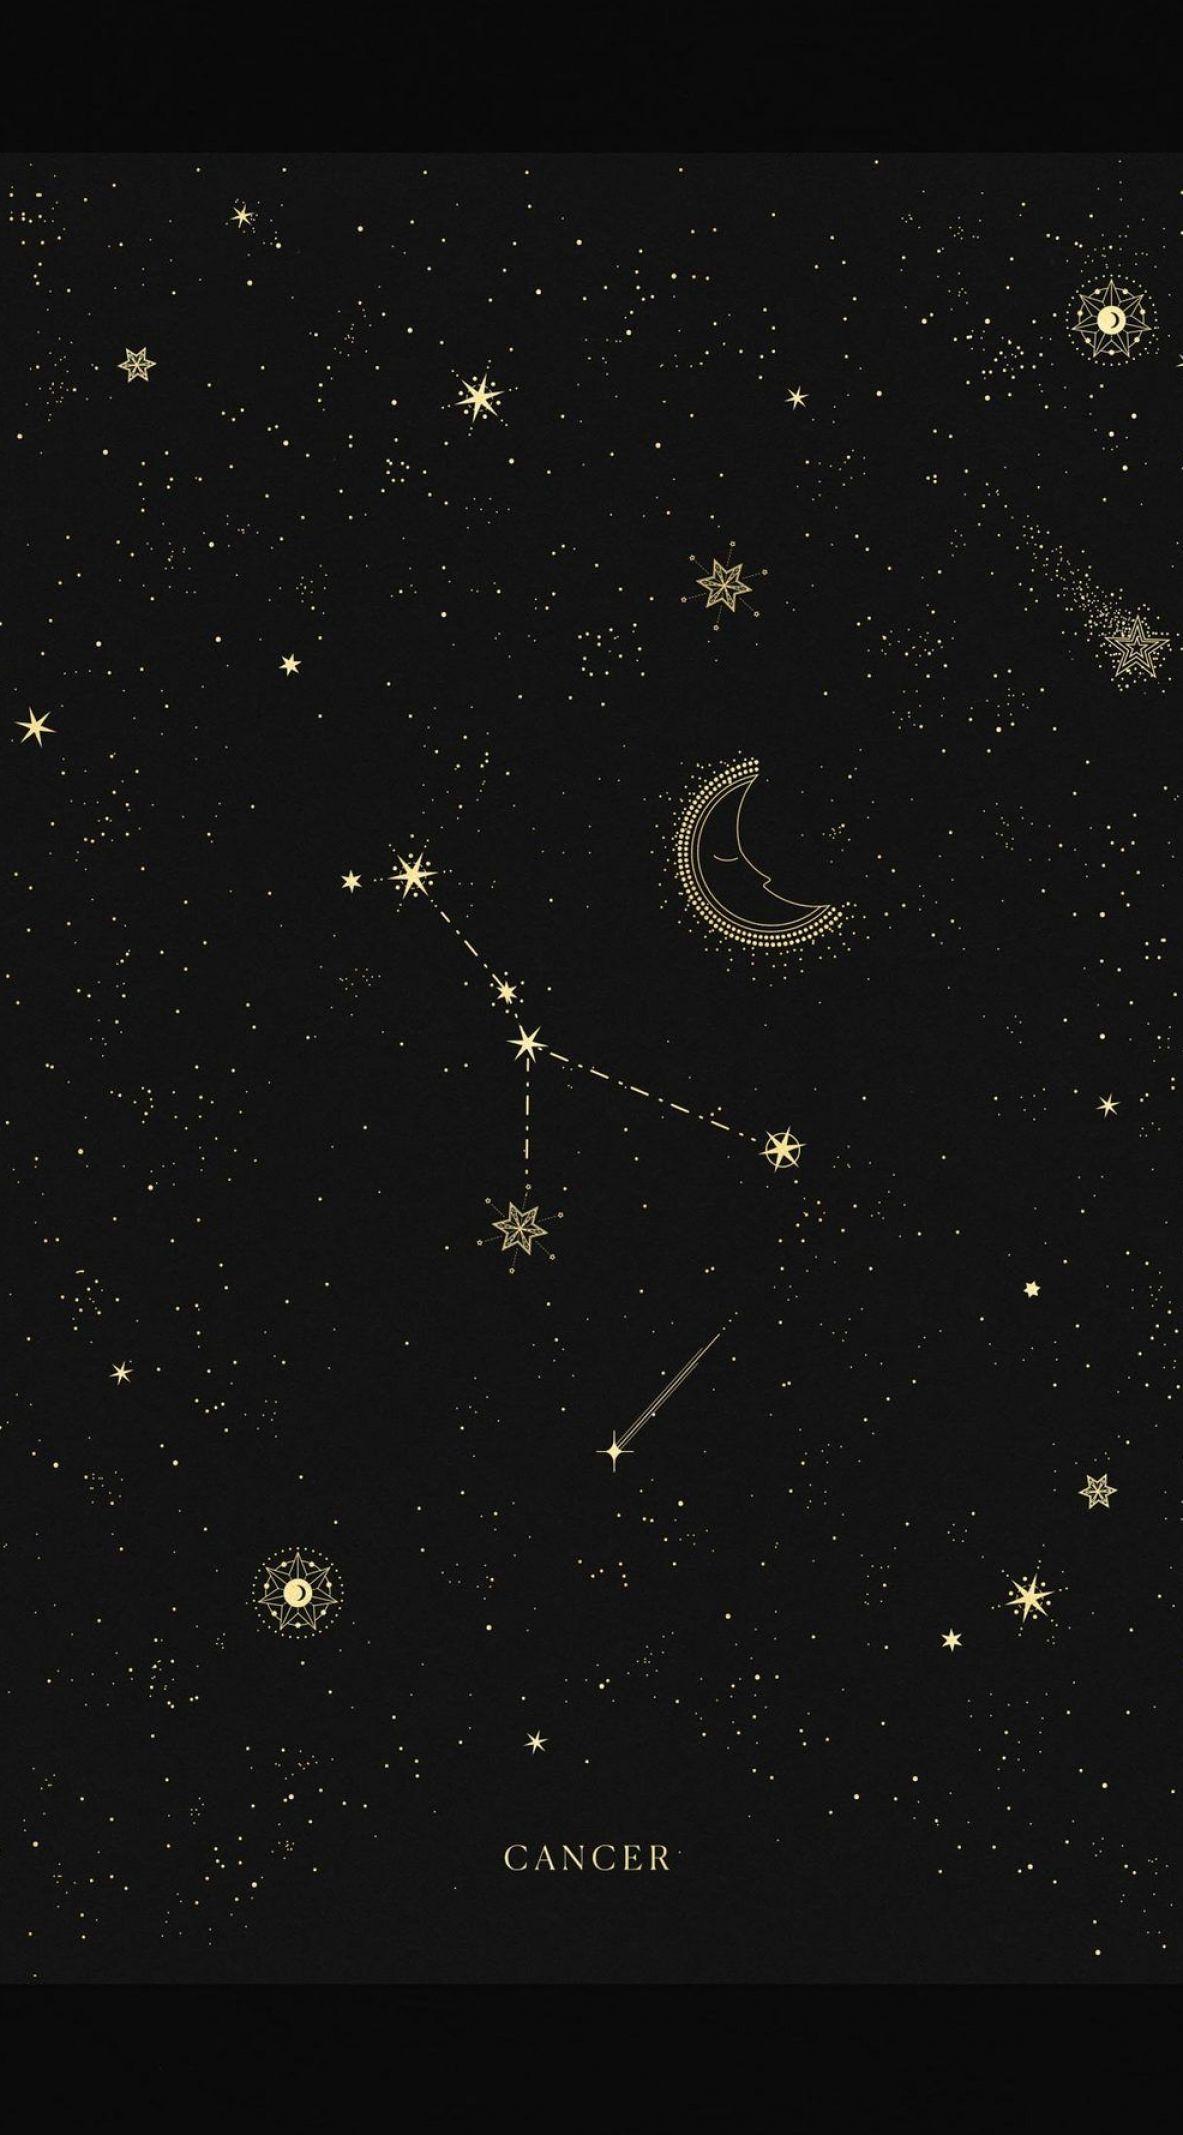 Cancer Constellation Wallpaper Cancer Constellation Wallpaper Cancer Zodiac Mystic Wallpaper Cancer Constellation